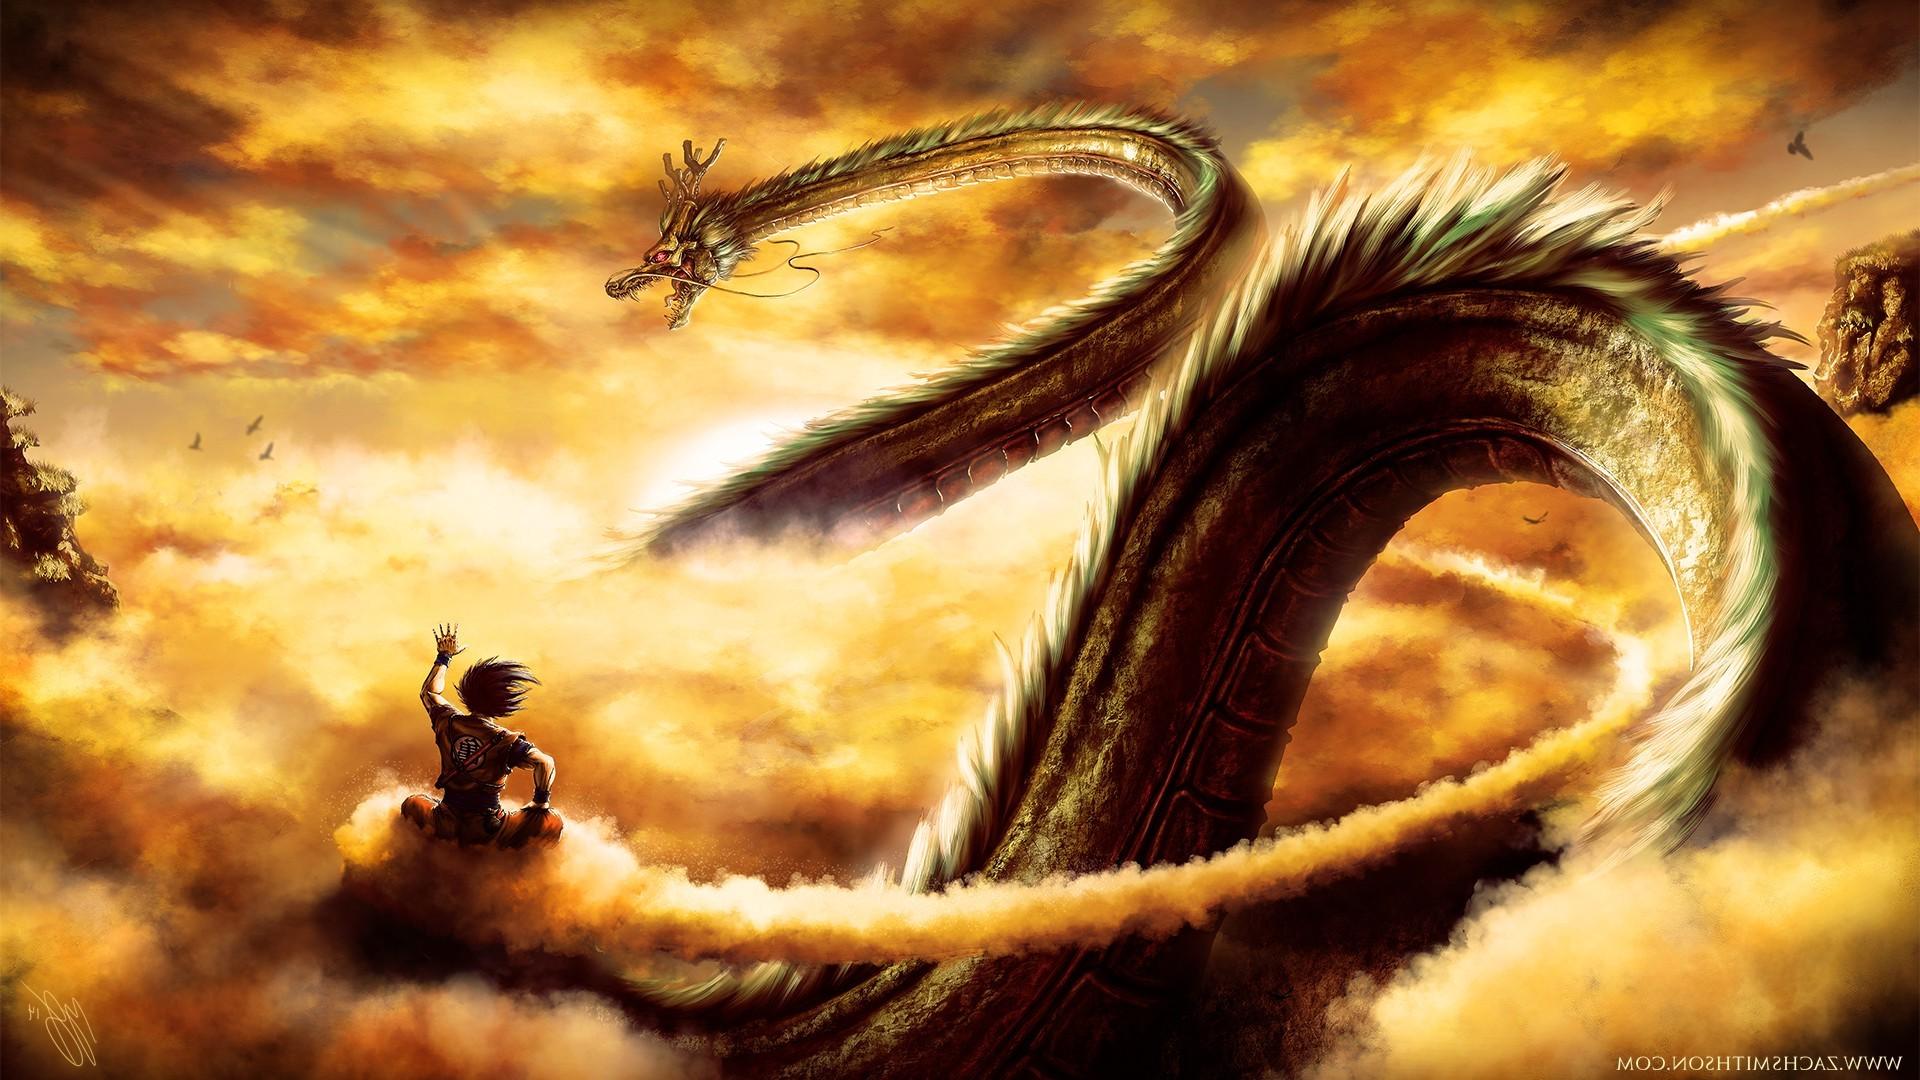 wallpaper : dragon ball, son goku, dragon, dragon ball z, mythology